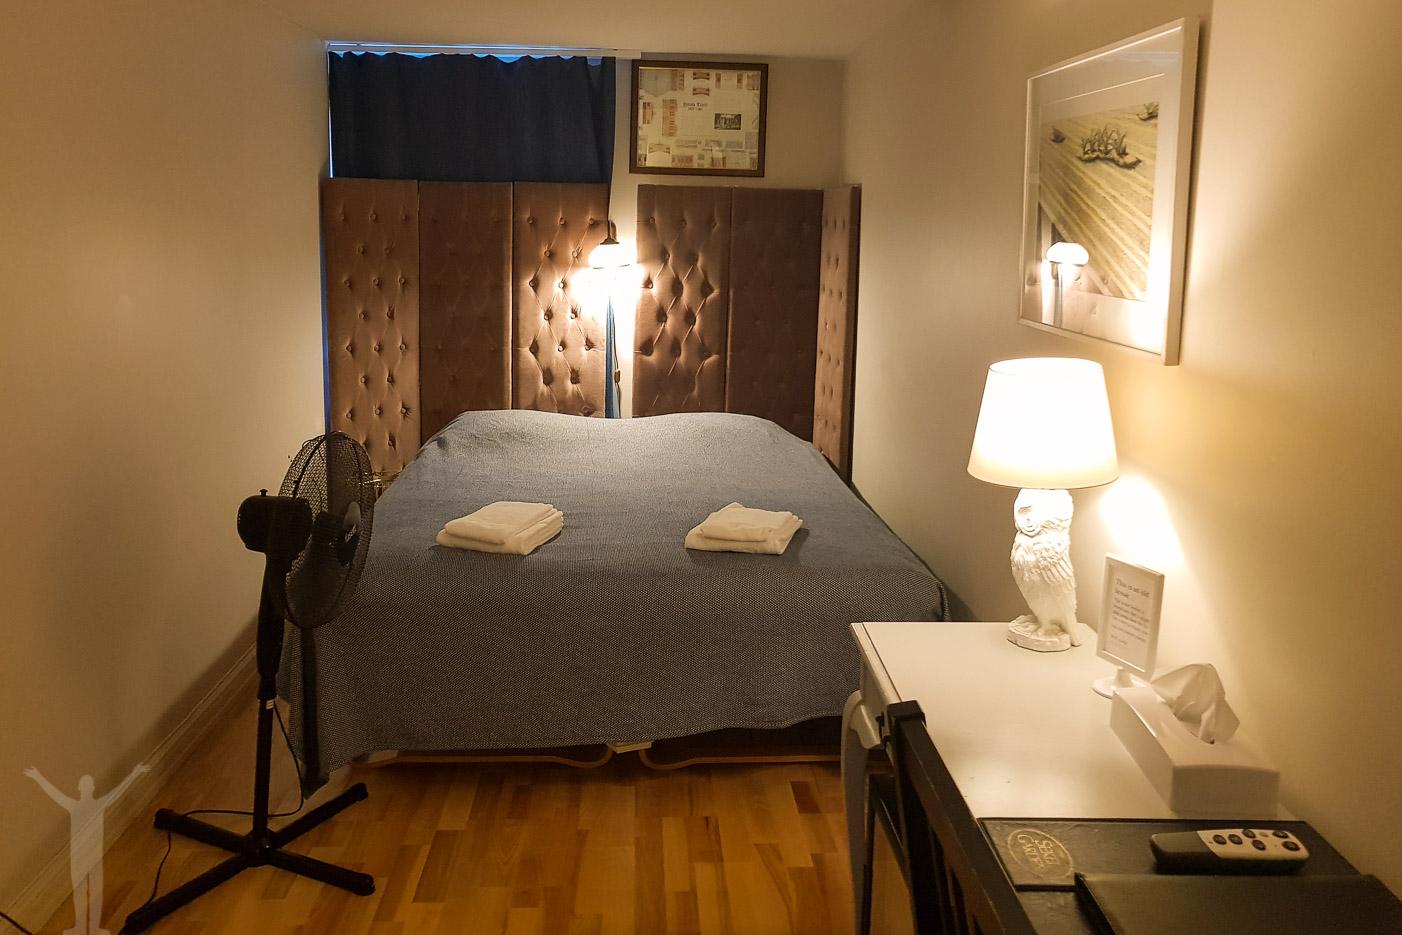 Rummet på Sekelgården Anno 1793 i Ystad